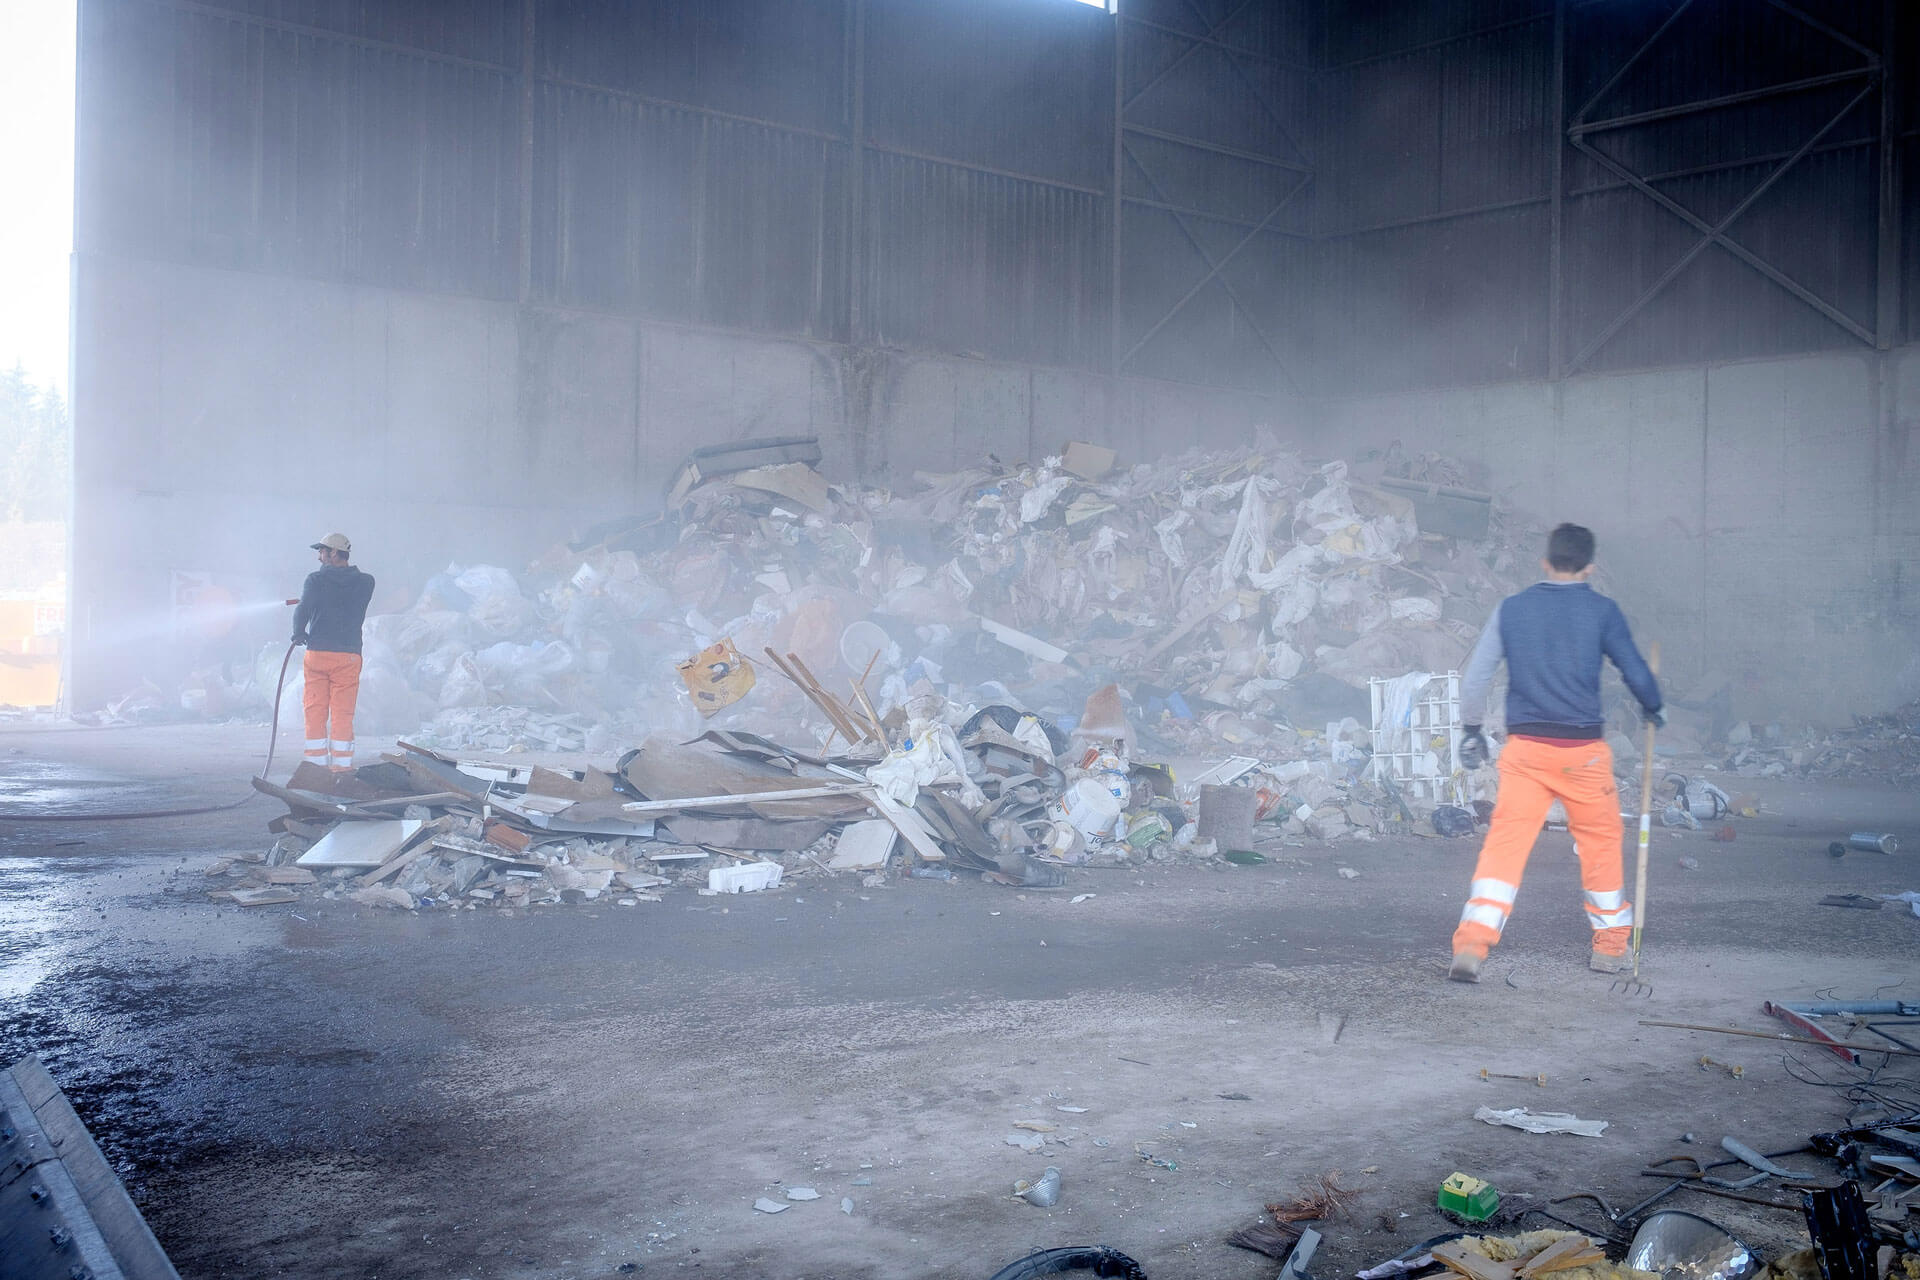 Berg mit Recycling-Abfällen. Zwei Josef Frey AG Mitarbeiter sorgen für Ordnung.